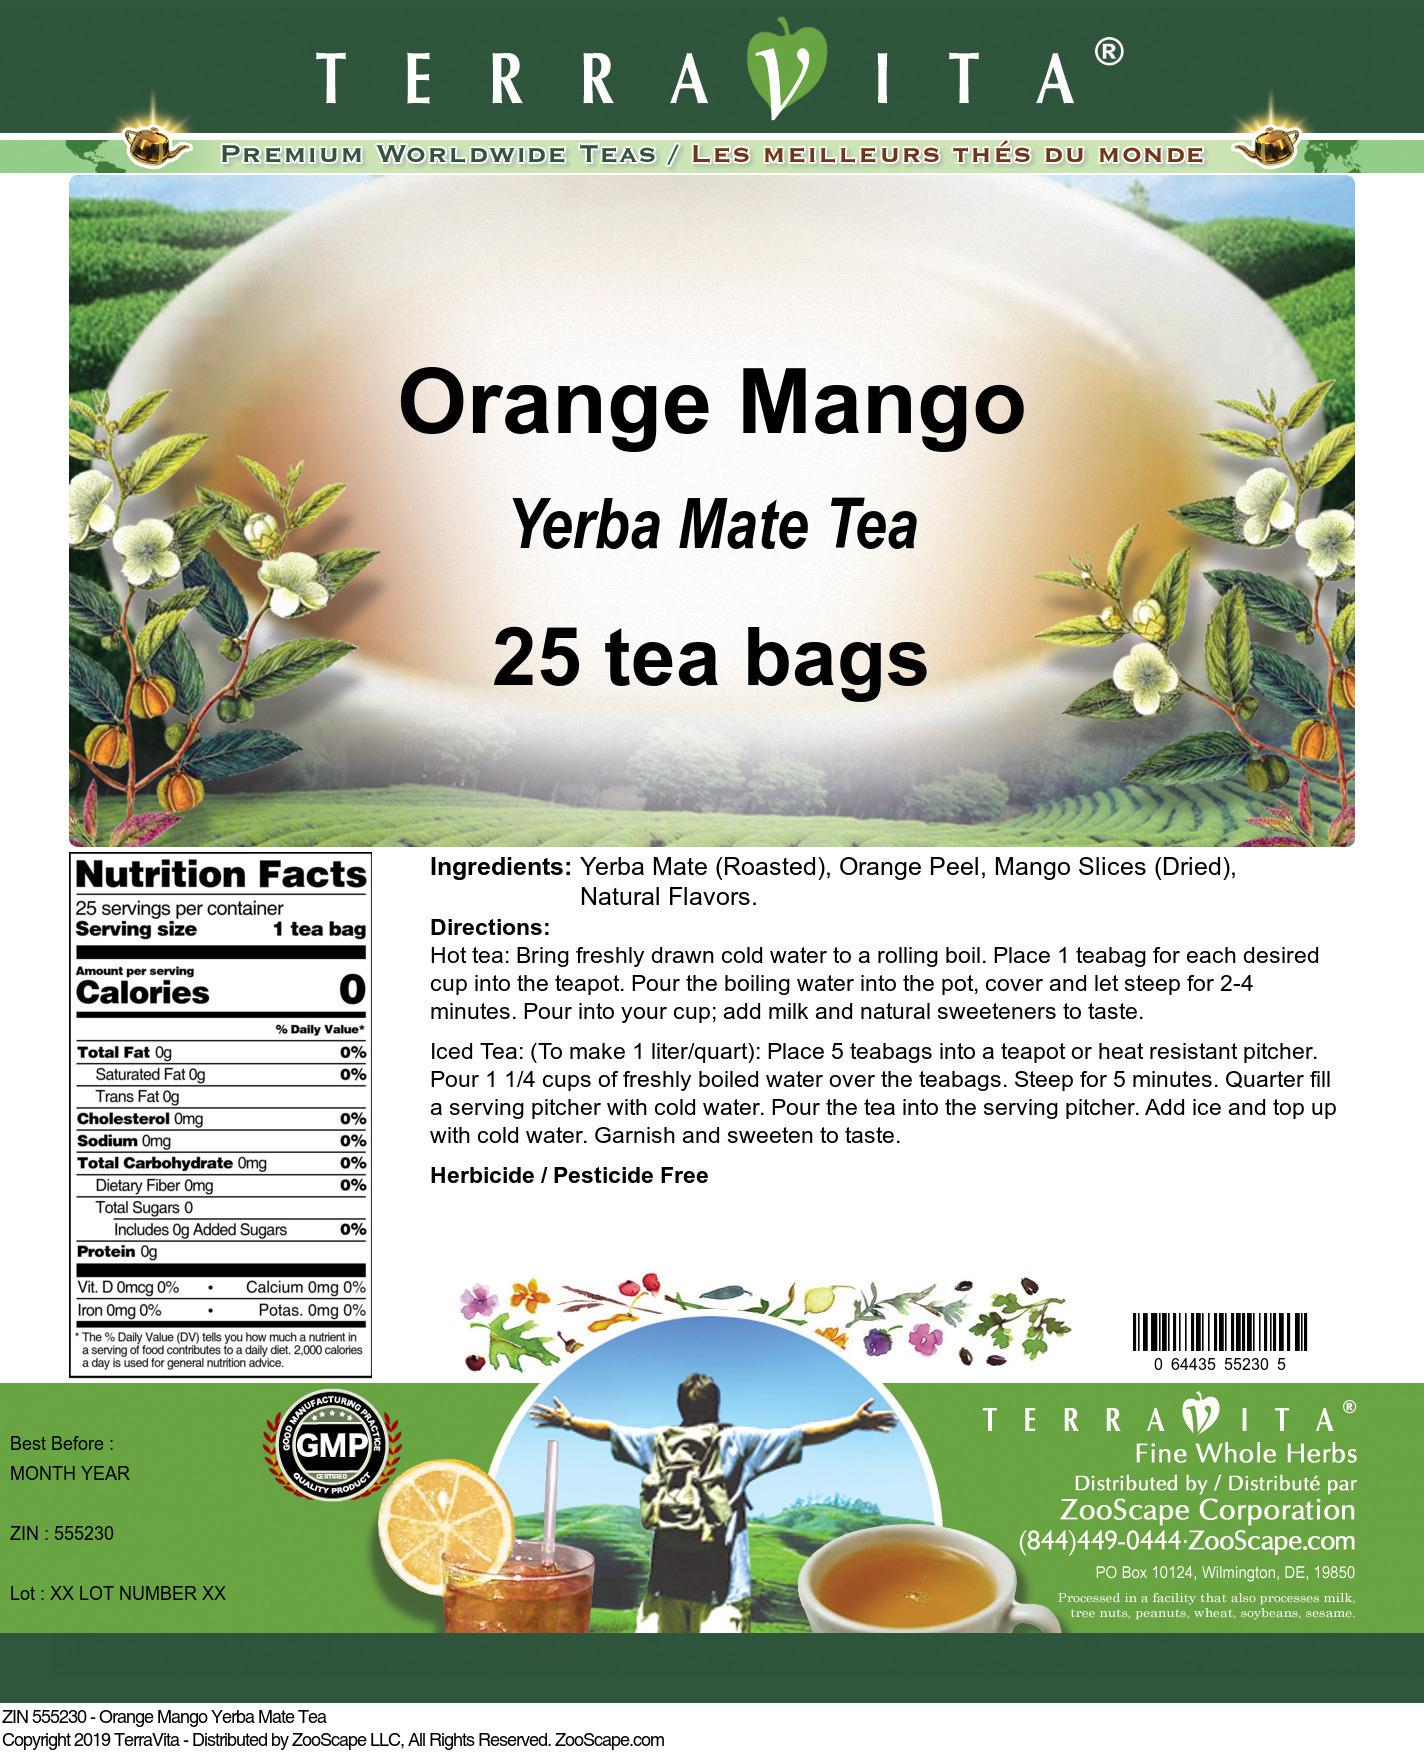 Orange Mango Yerba Mate Tea